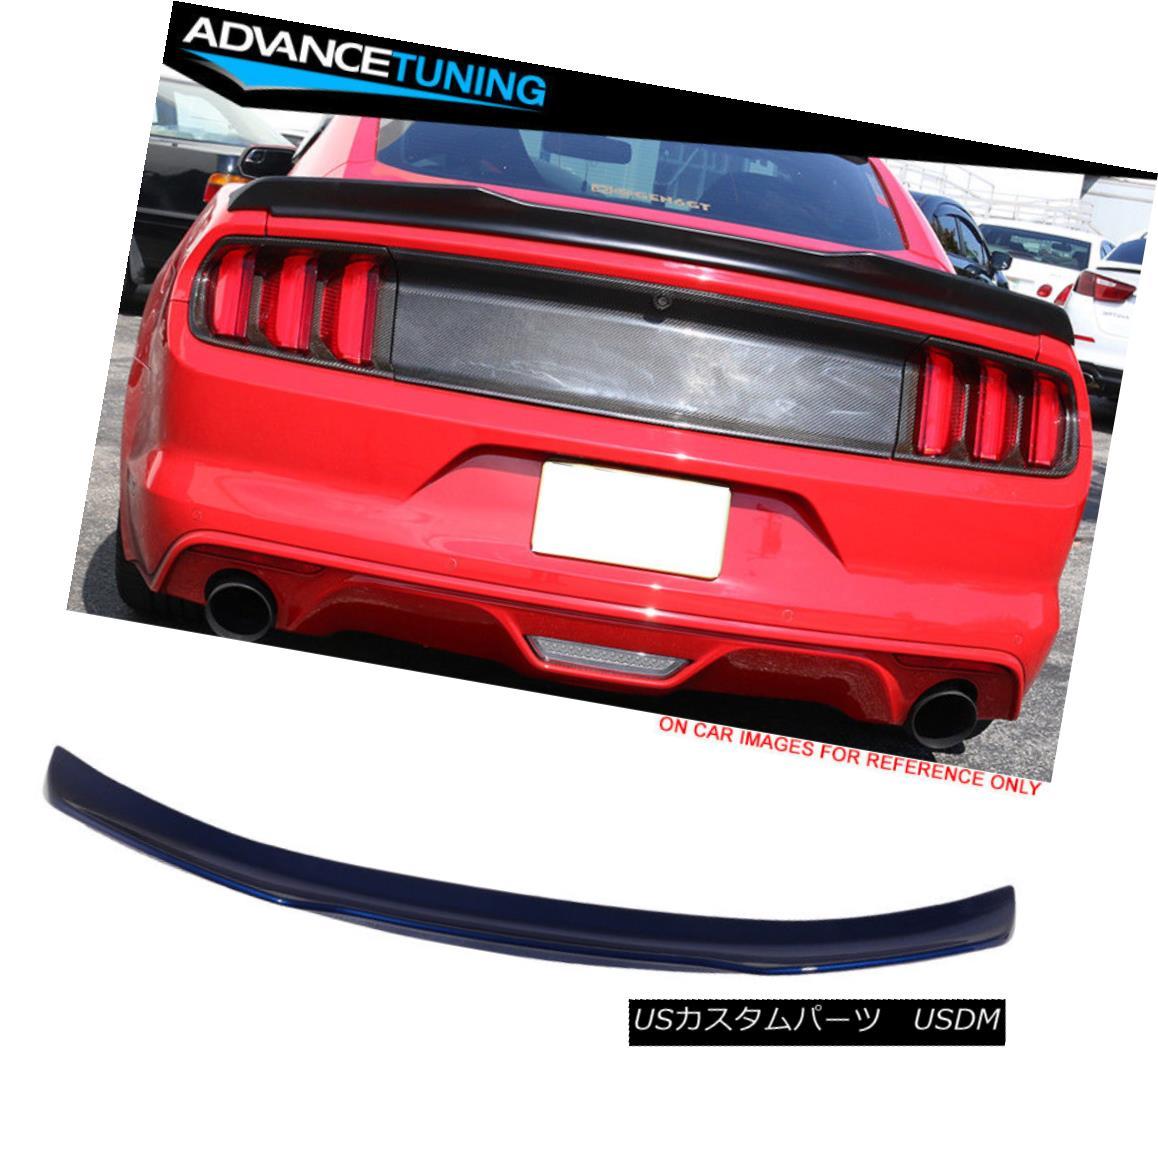 エアロパーツ Fits 15-18 Mustang V Type Trunk Spoiler OE Painted #J4 Deep Impact Blue Metallic フィット15-18ムスタングVタイプのトランク・スポイラーOE塗装済み#J4ディープ・インパクト・ブルー・メタリック